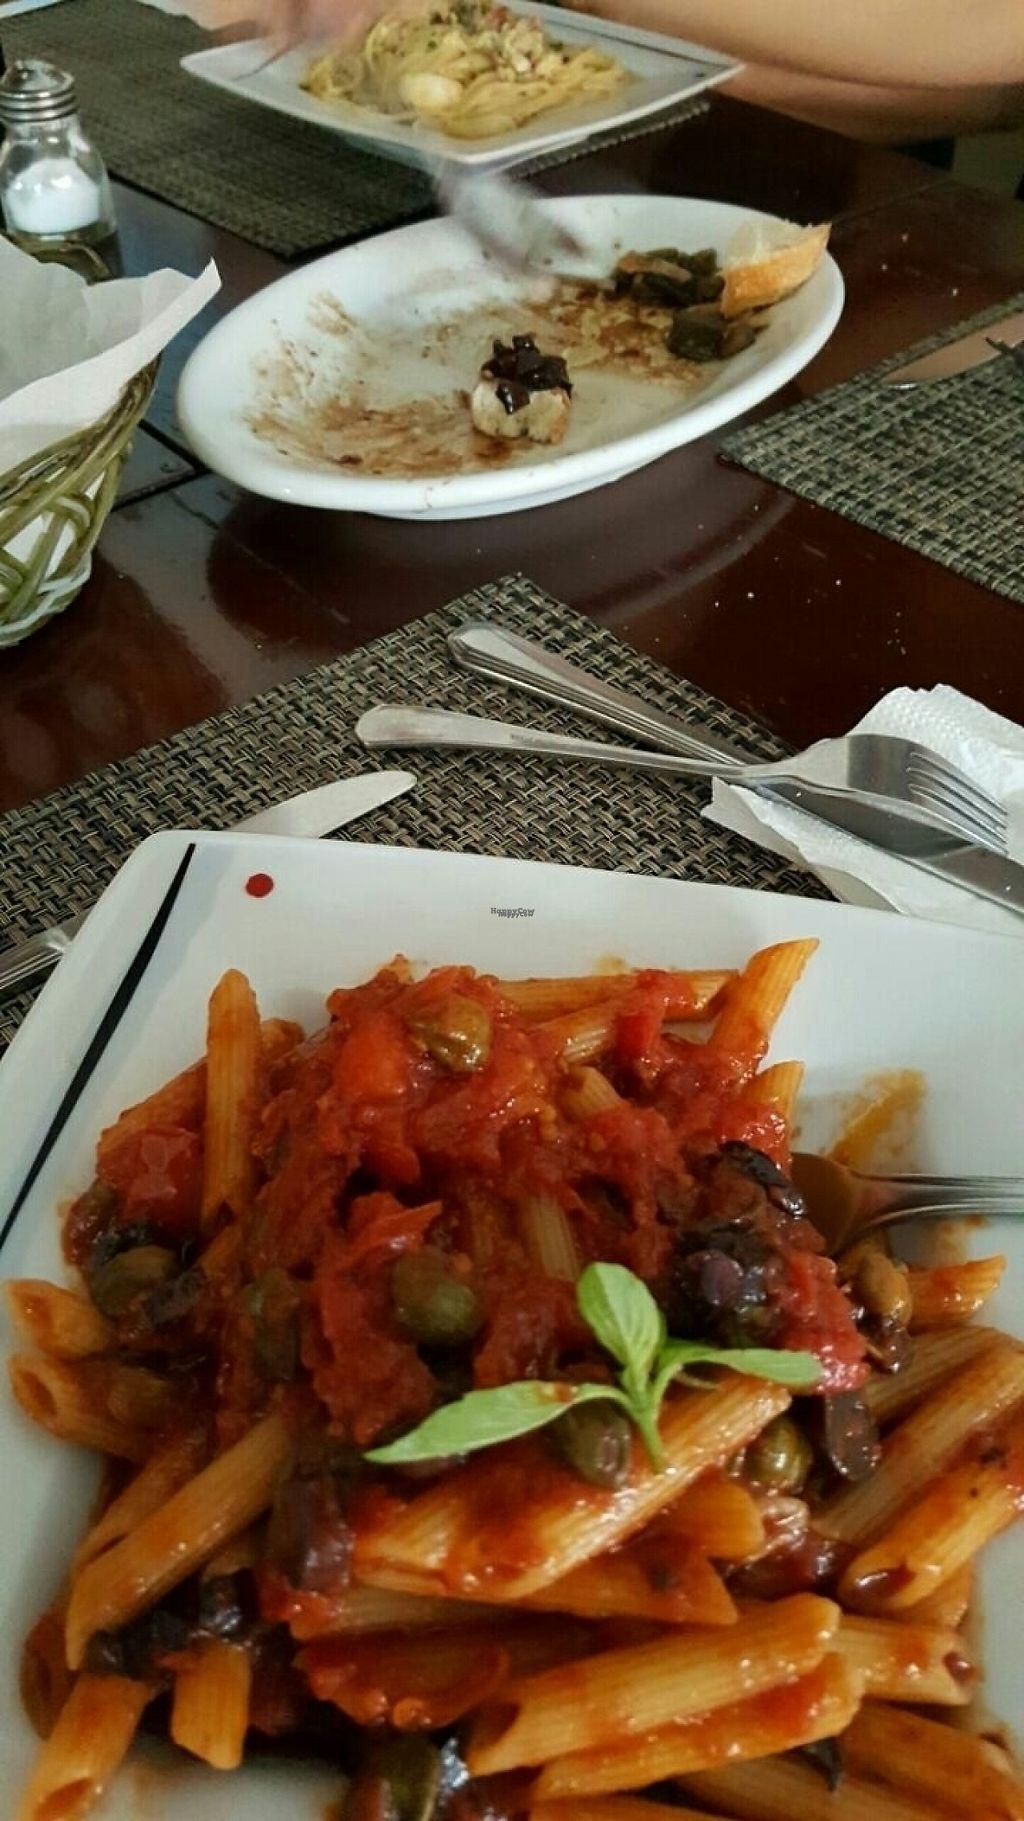 """Photo of Spaghetto  by <a href=""""/members/profile/AilaMa%C3%ADraSato"""">AilaMaíraSato</a> <br/>Spaghetti alla puttanesca, opção sem aliche! <br/> March 9, 2017  - <a href='/contact/abuse/image/76050/234362'>Report</a>"""